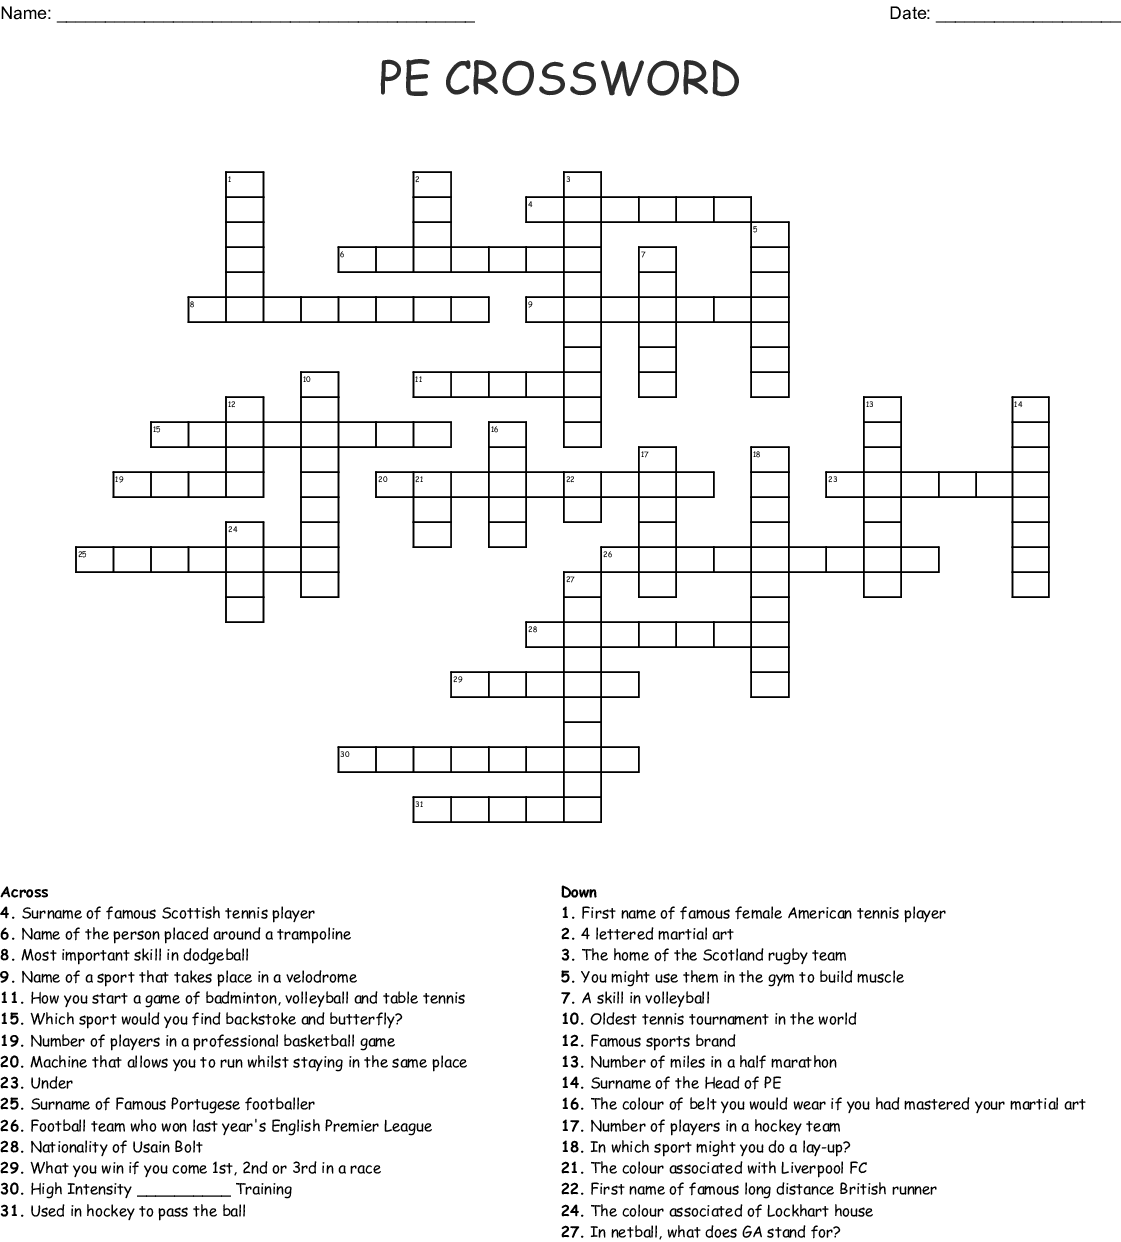 Pe Crossword Wordmint